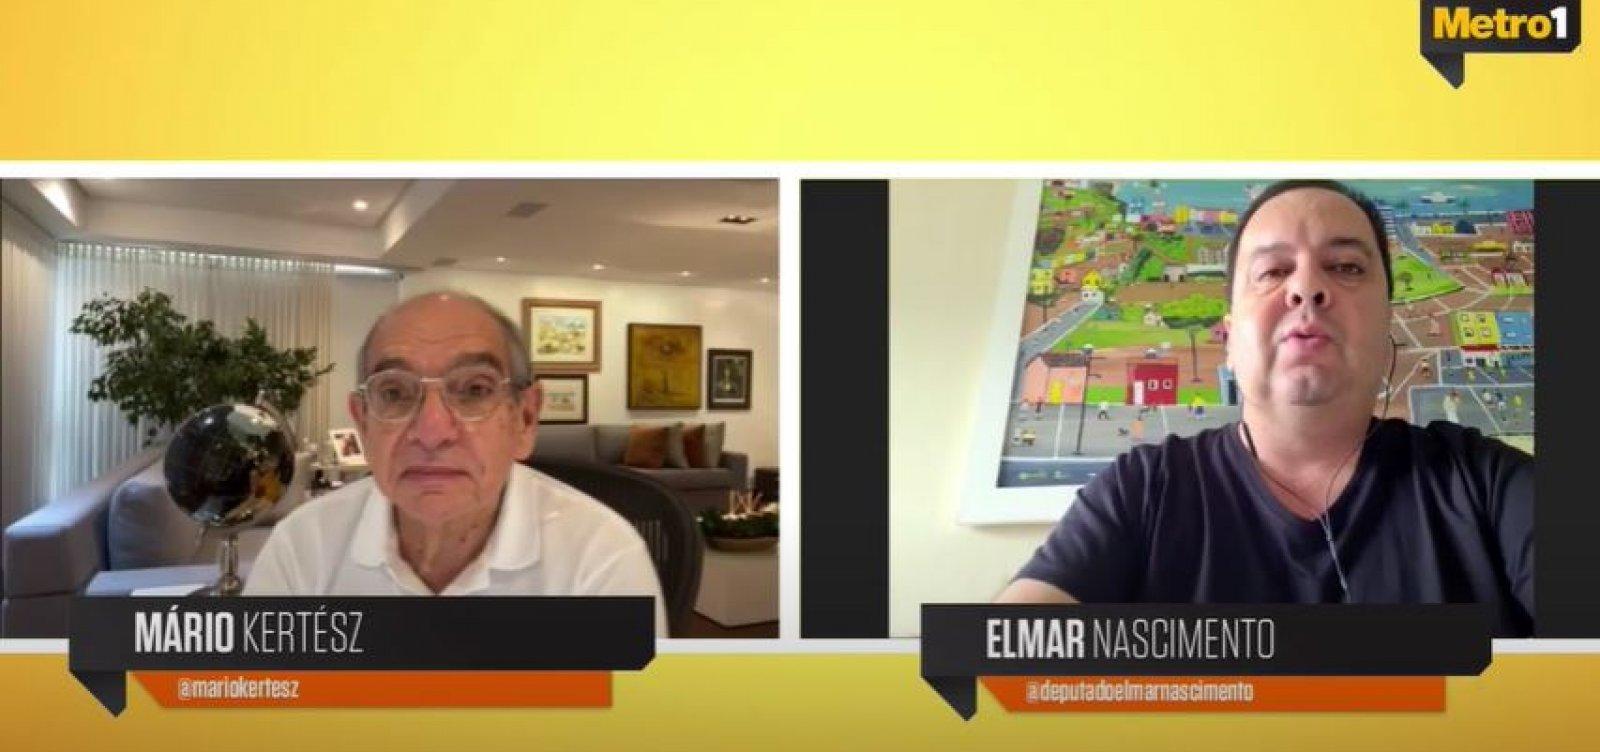 Elmar critica posição de Maia nas eleições da Câmara: 'Se julgava no Olimpo'